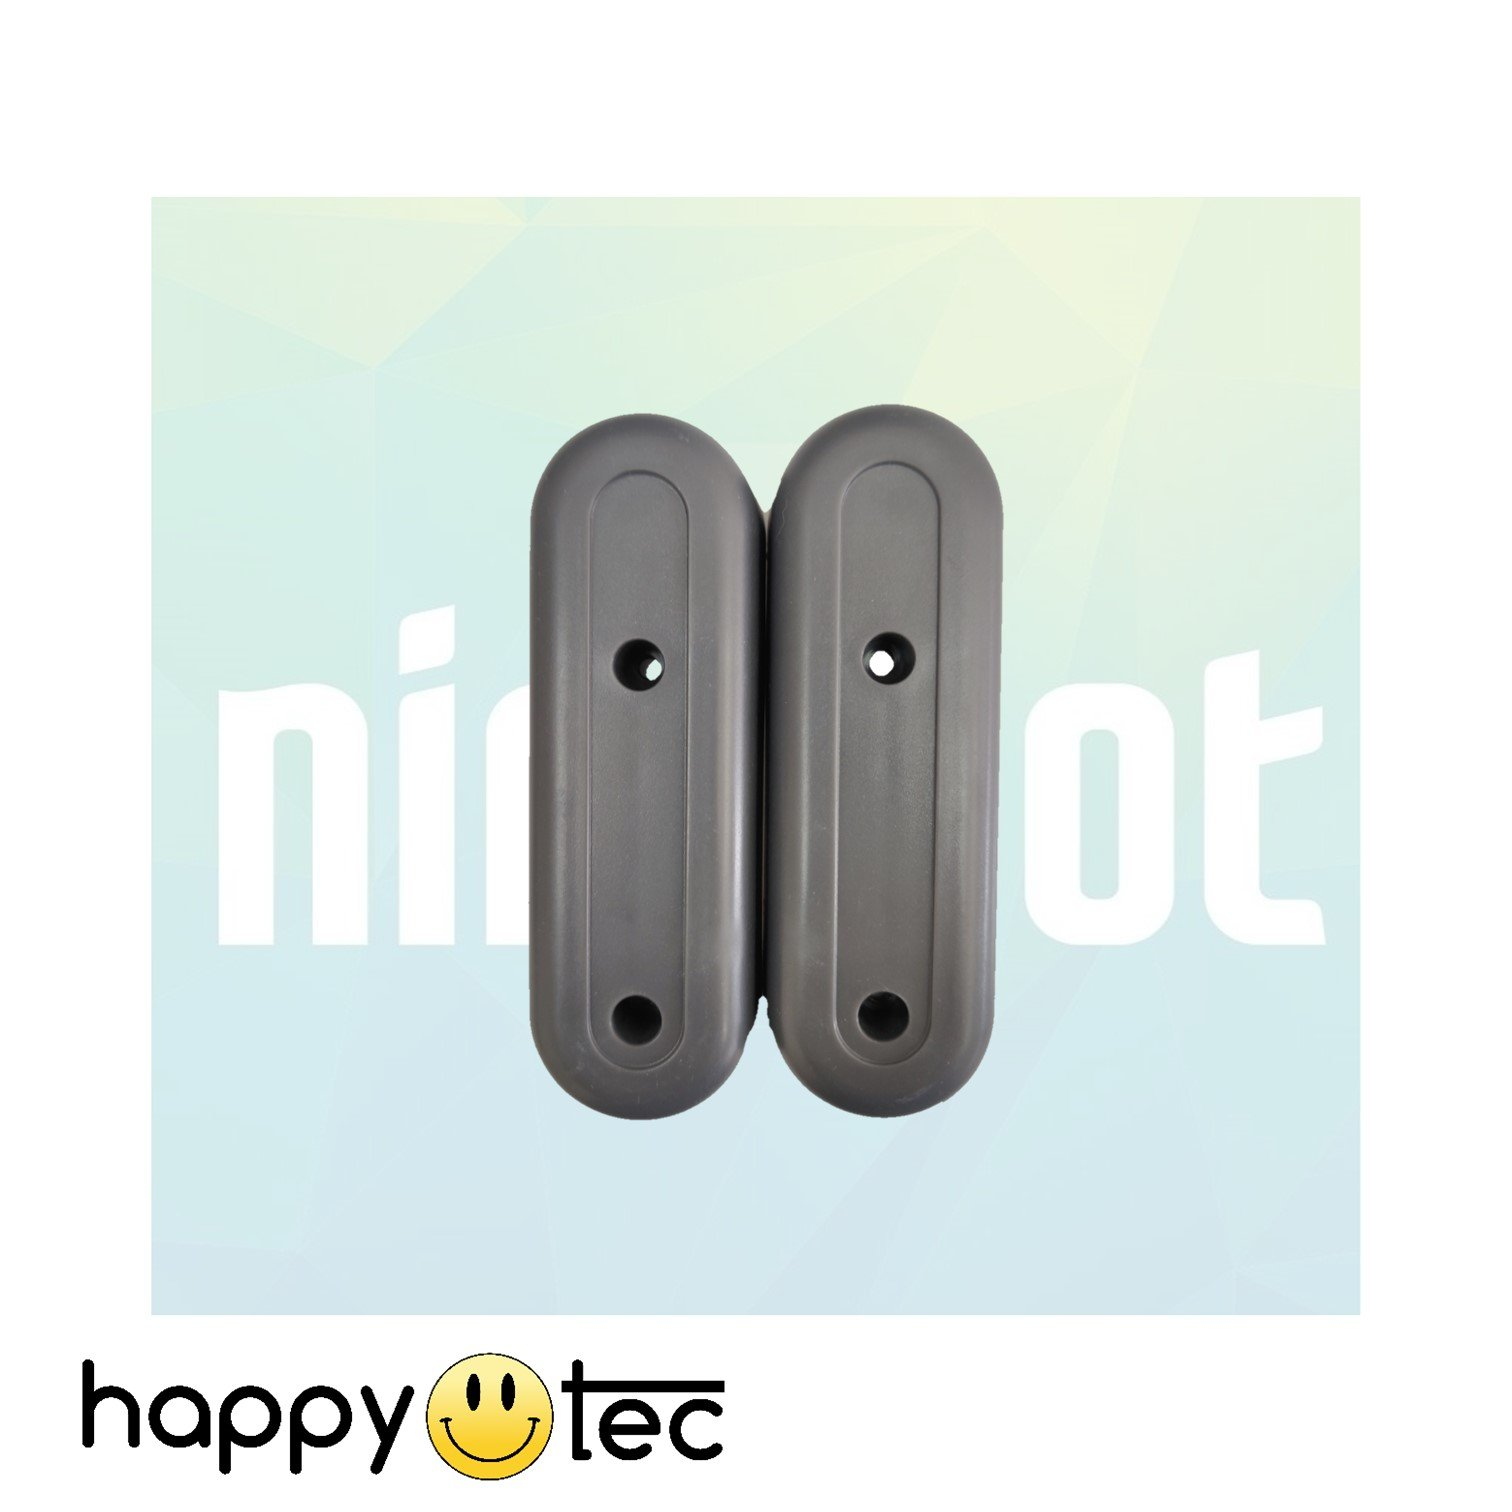 Ninebot | G30 | Coppia coperture viti in plastica | Nero